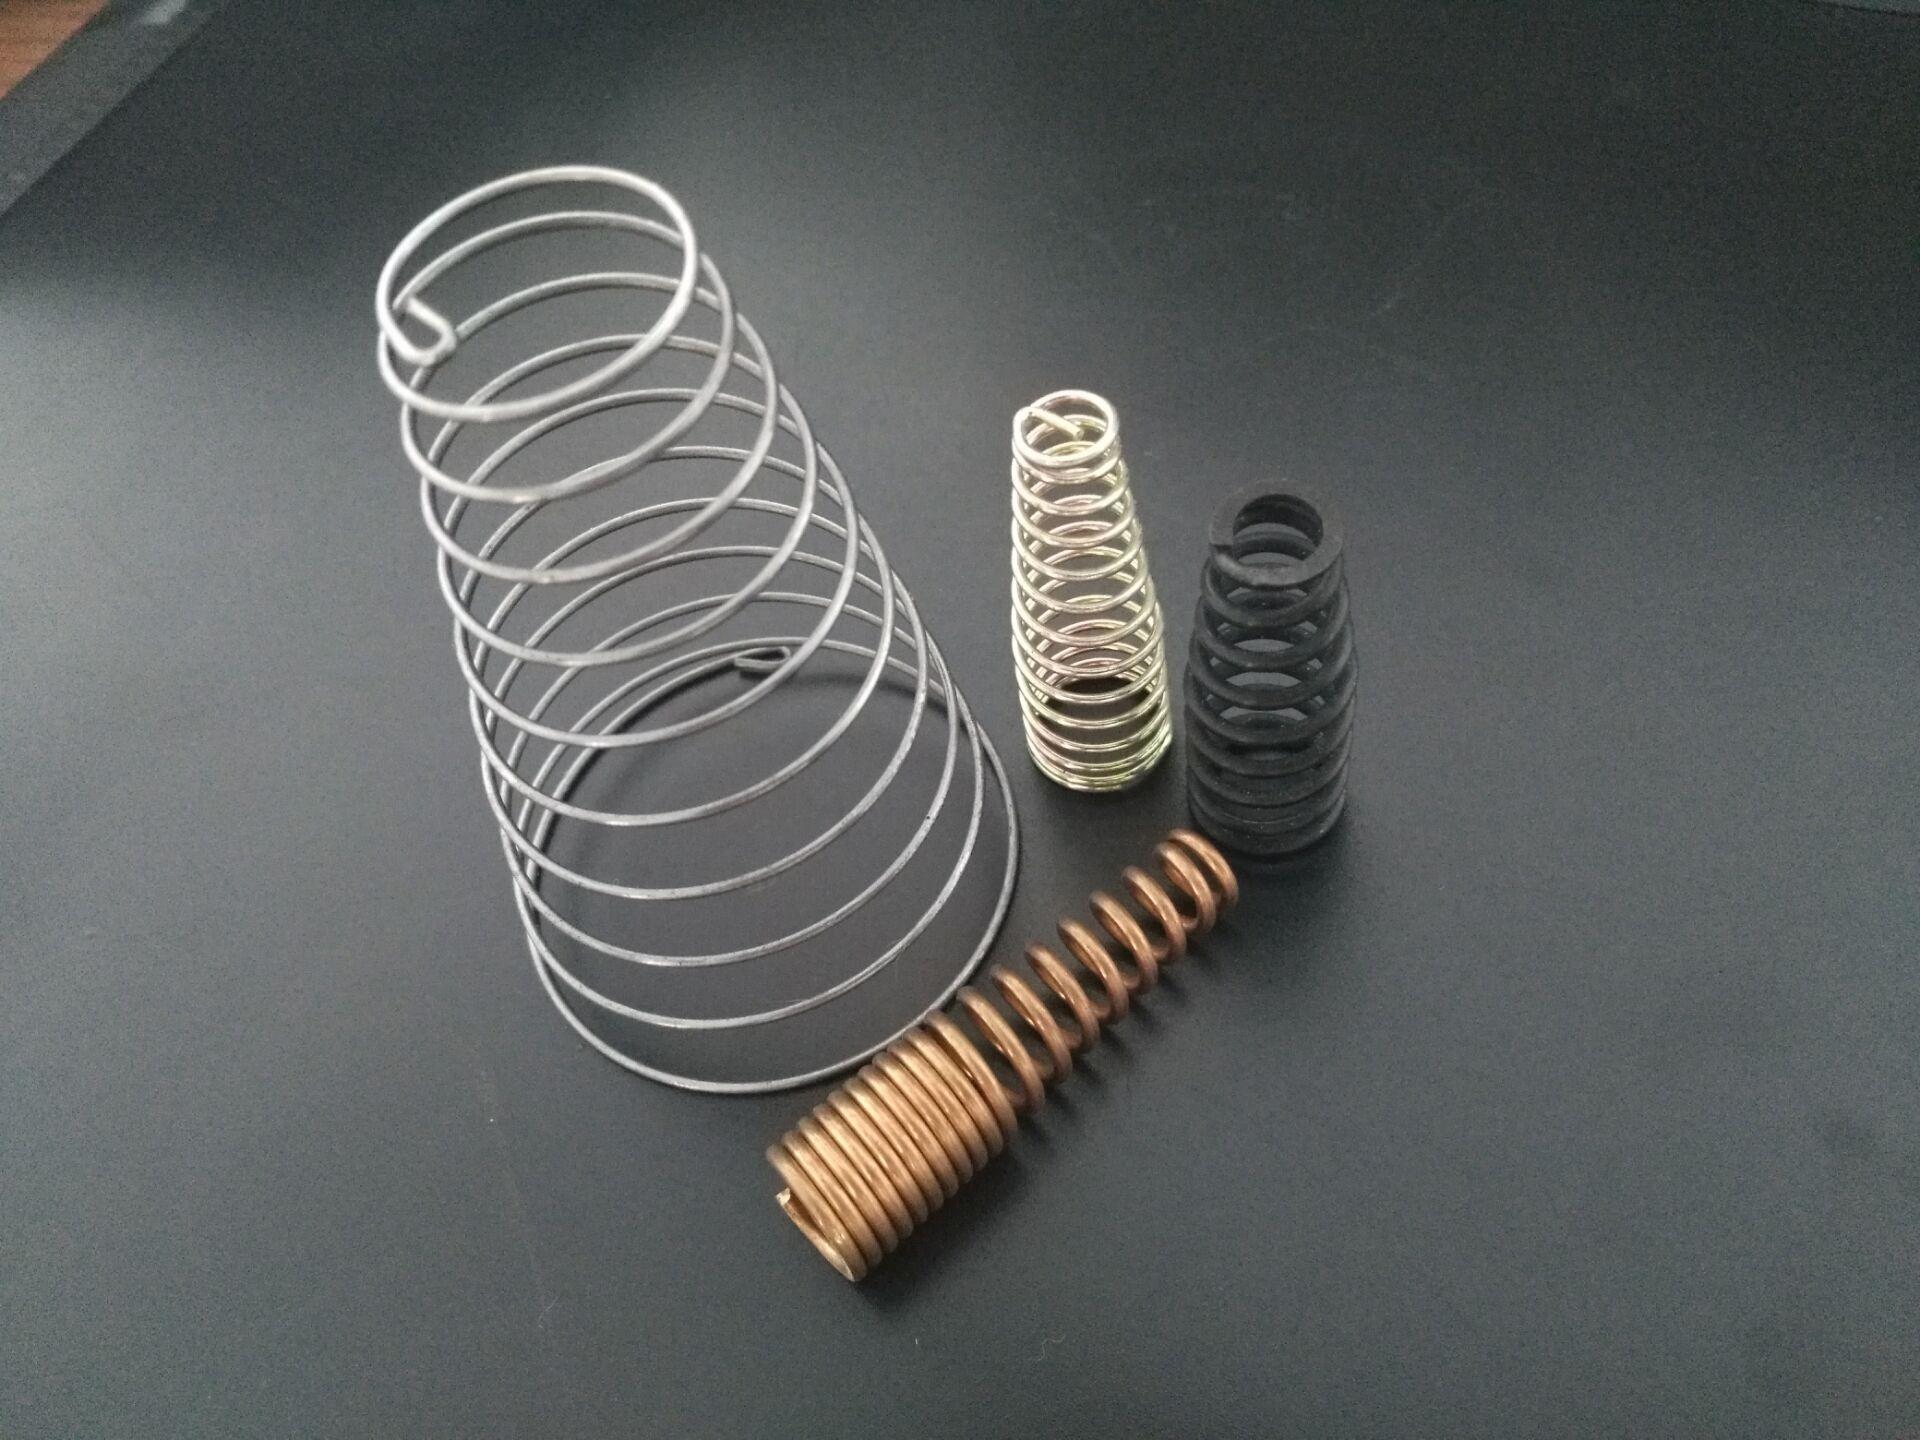 供应弹簧厂家直销宝塔弹簧塔簧塔形弹簧圆锥形弹簧-慧聪网